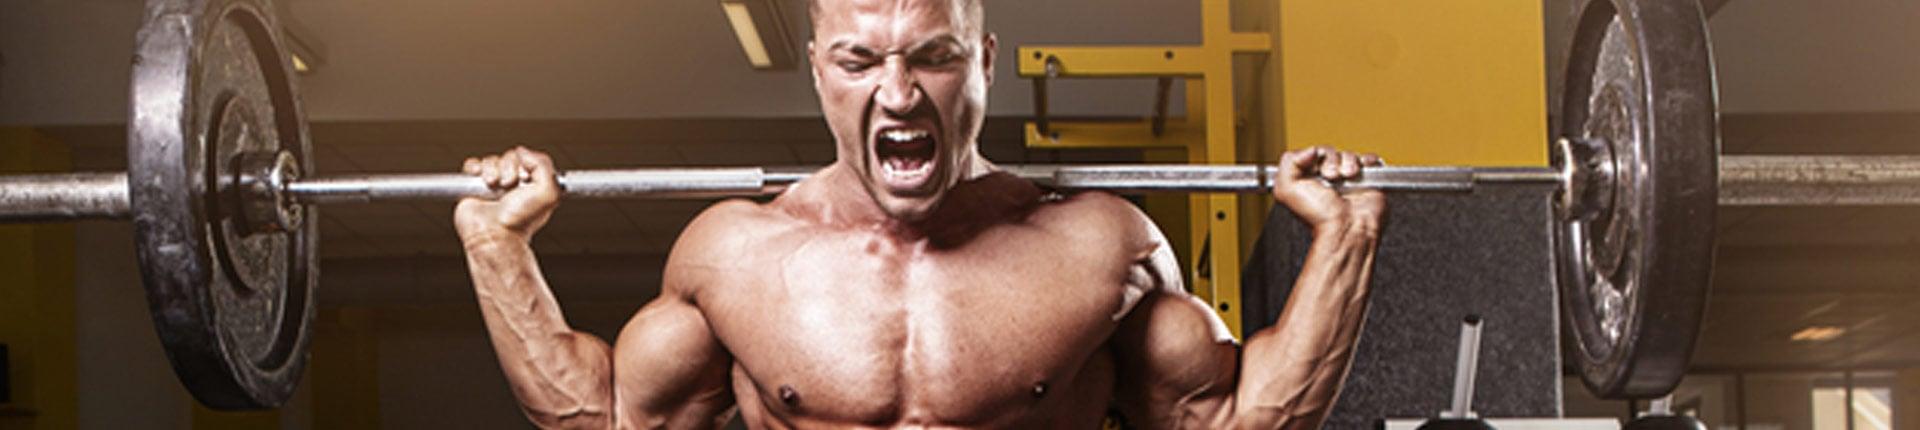 Libido a ćwiczenia siłowe - 4 ćwiczenia, które wspomagają libido